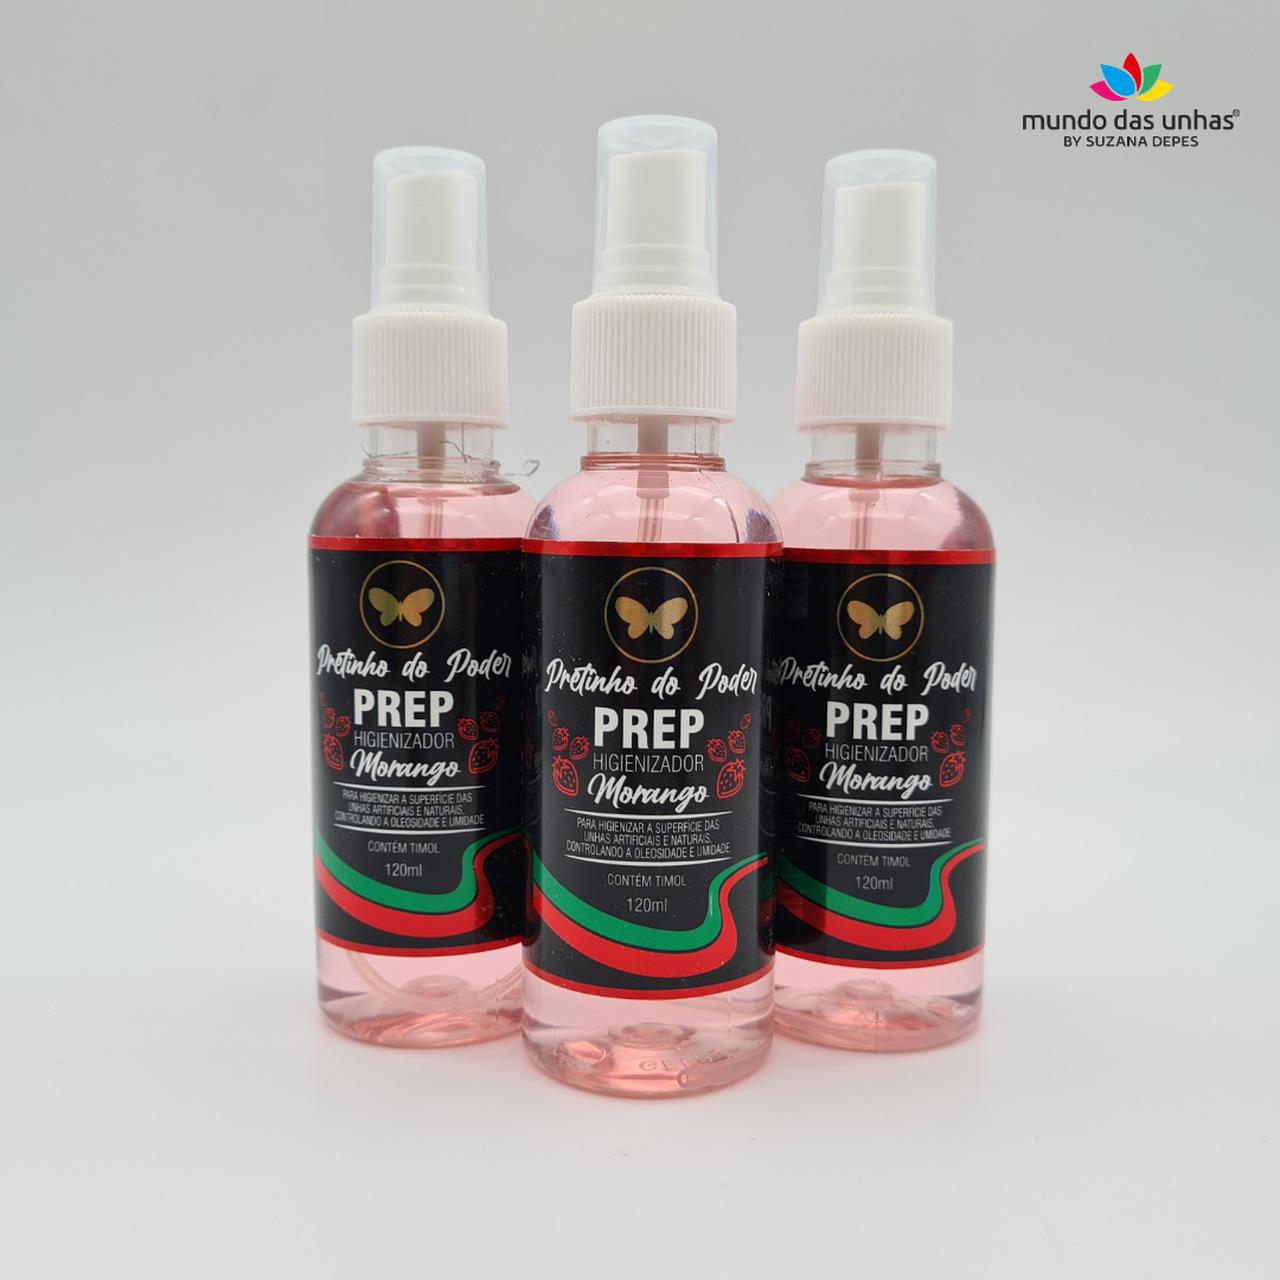 Prep Higienizador Pretinho do Poder - 120ml